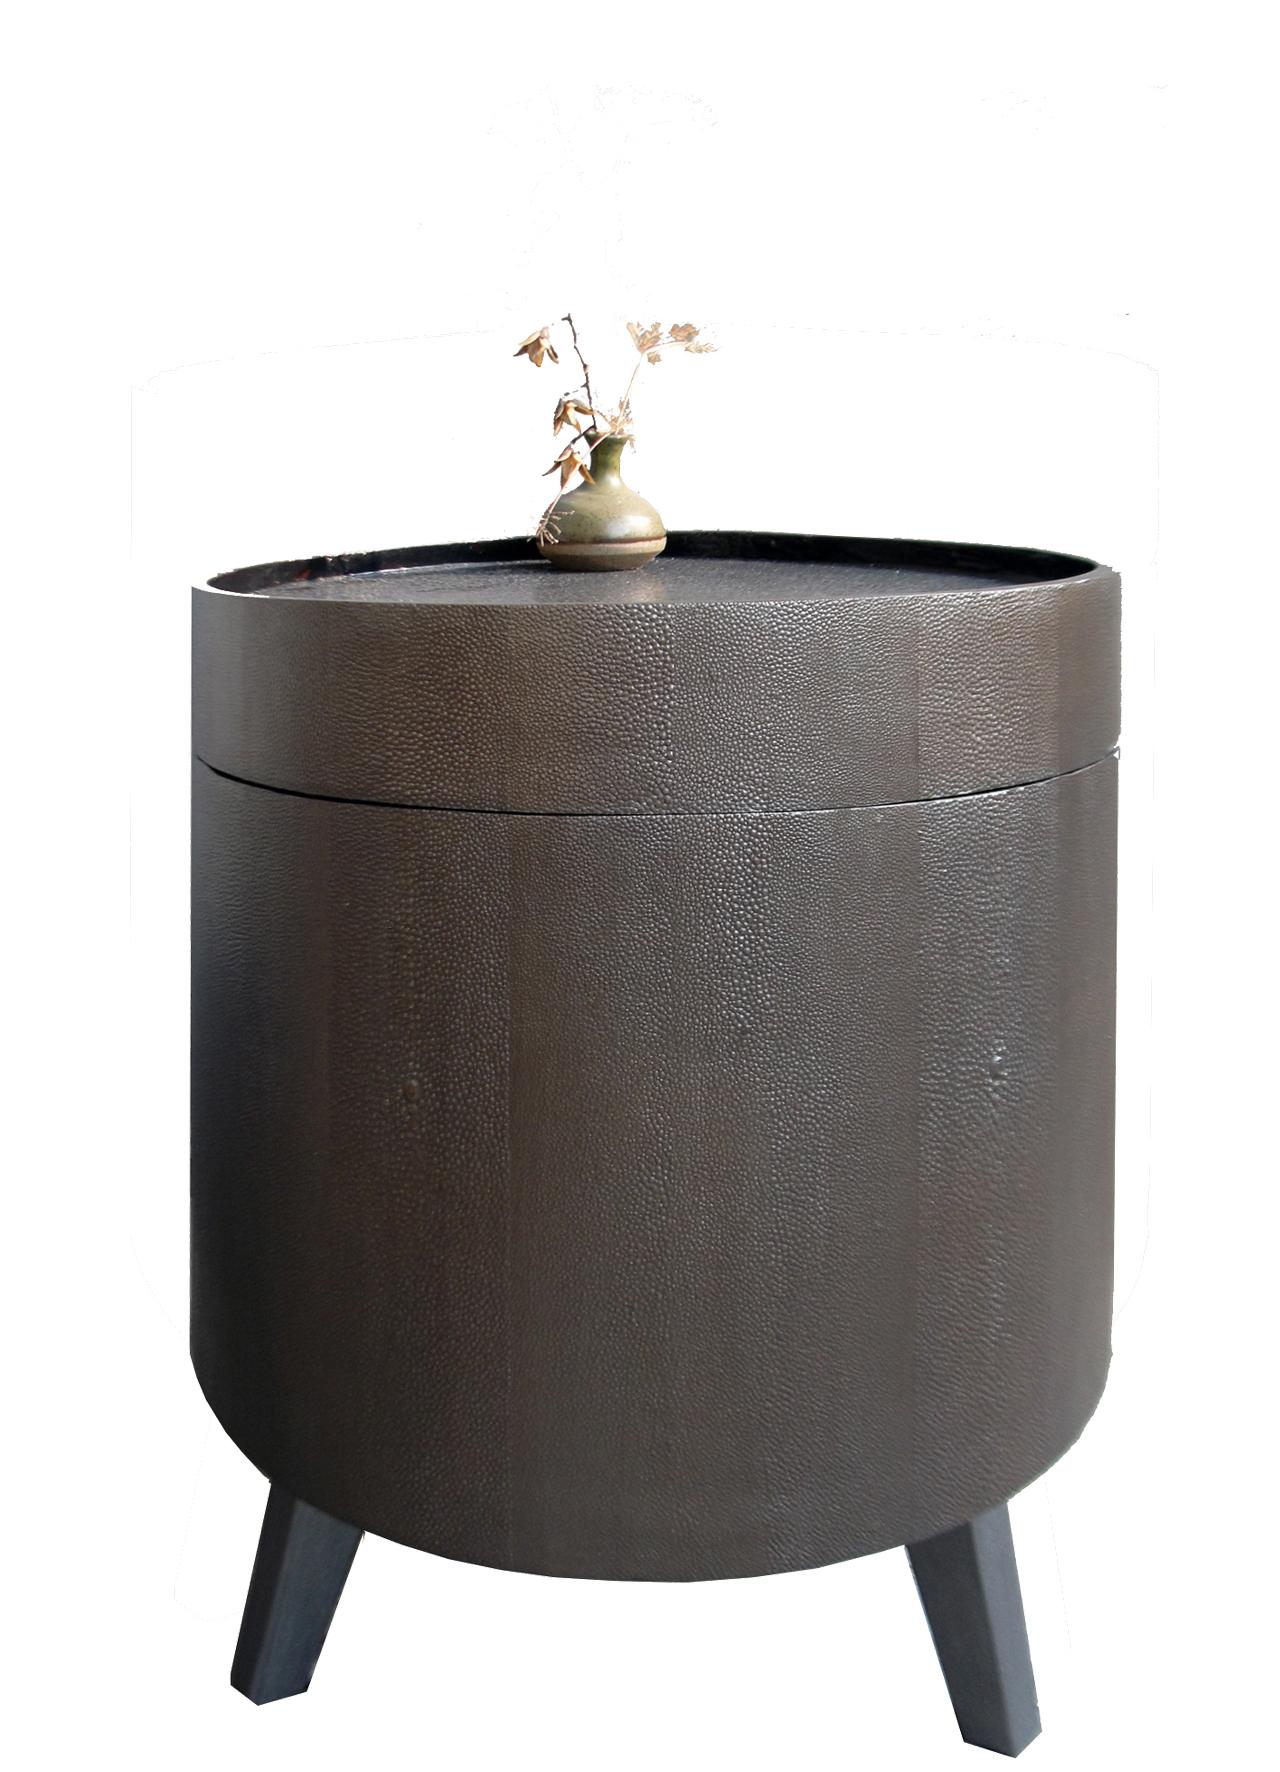 Table basse gainée d'empreintes de peaux de galuchat, plateau laqué avec incrustation de coquilles d'œufs teintées à l'encre de chine - Boîte à chapeau de Chine - 38 x 41 cm